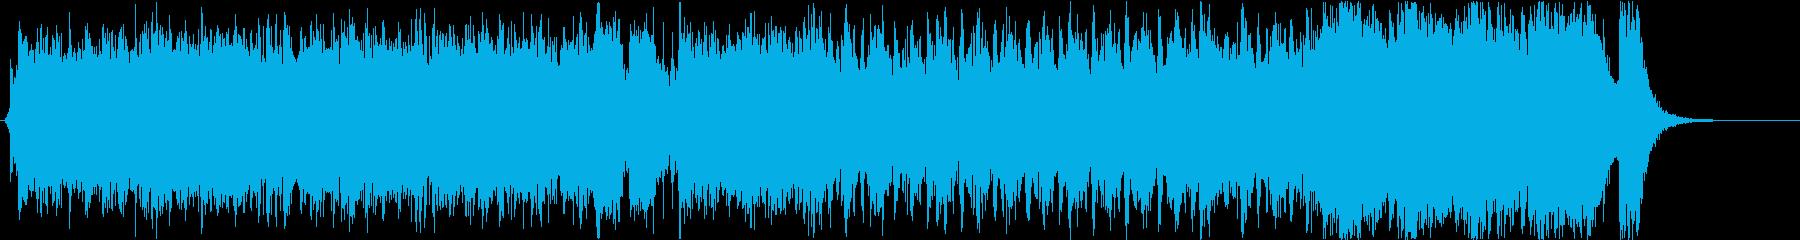 エピックファンタジーアドベンチャー2の再生済みの波形